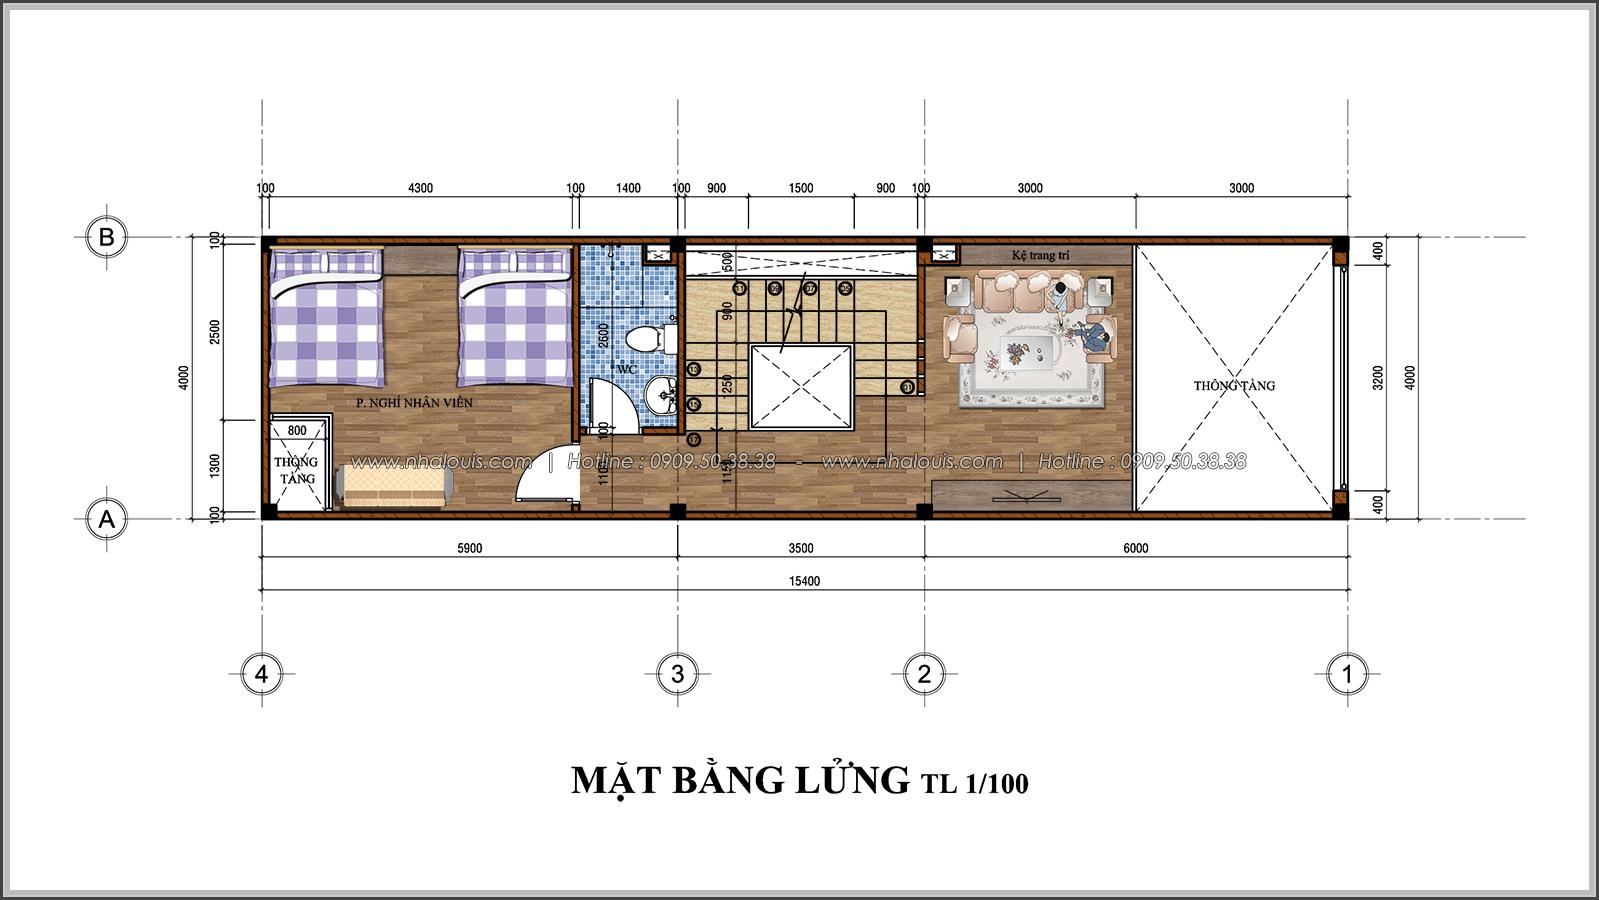 Thiết kế nhà đẹp 3 tầng chuẩn sang trọng tại Thủ Đức - 04